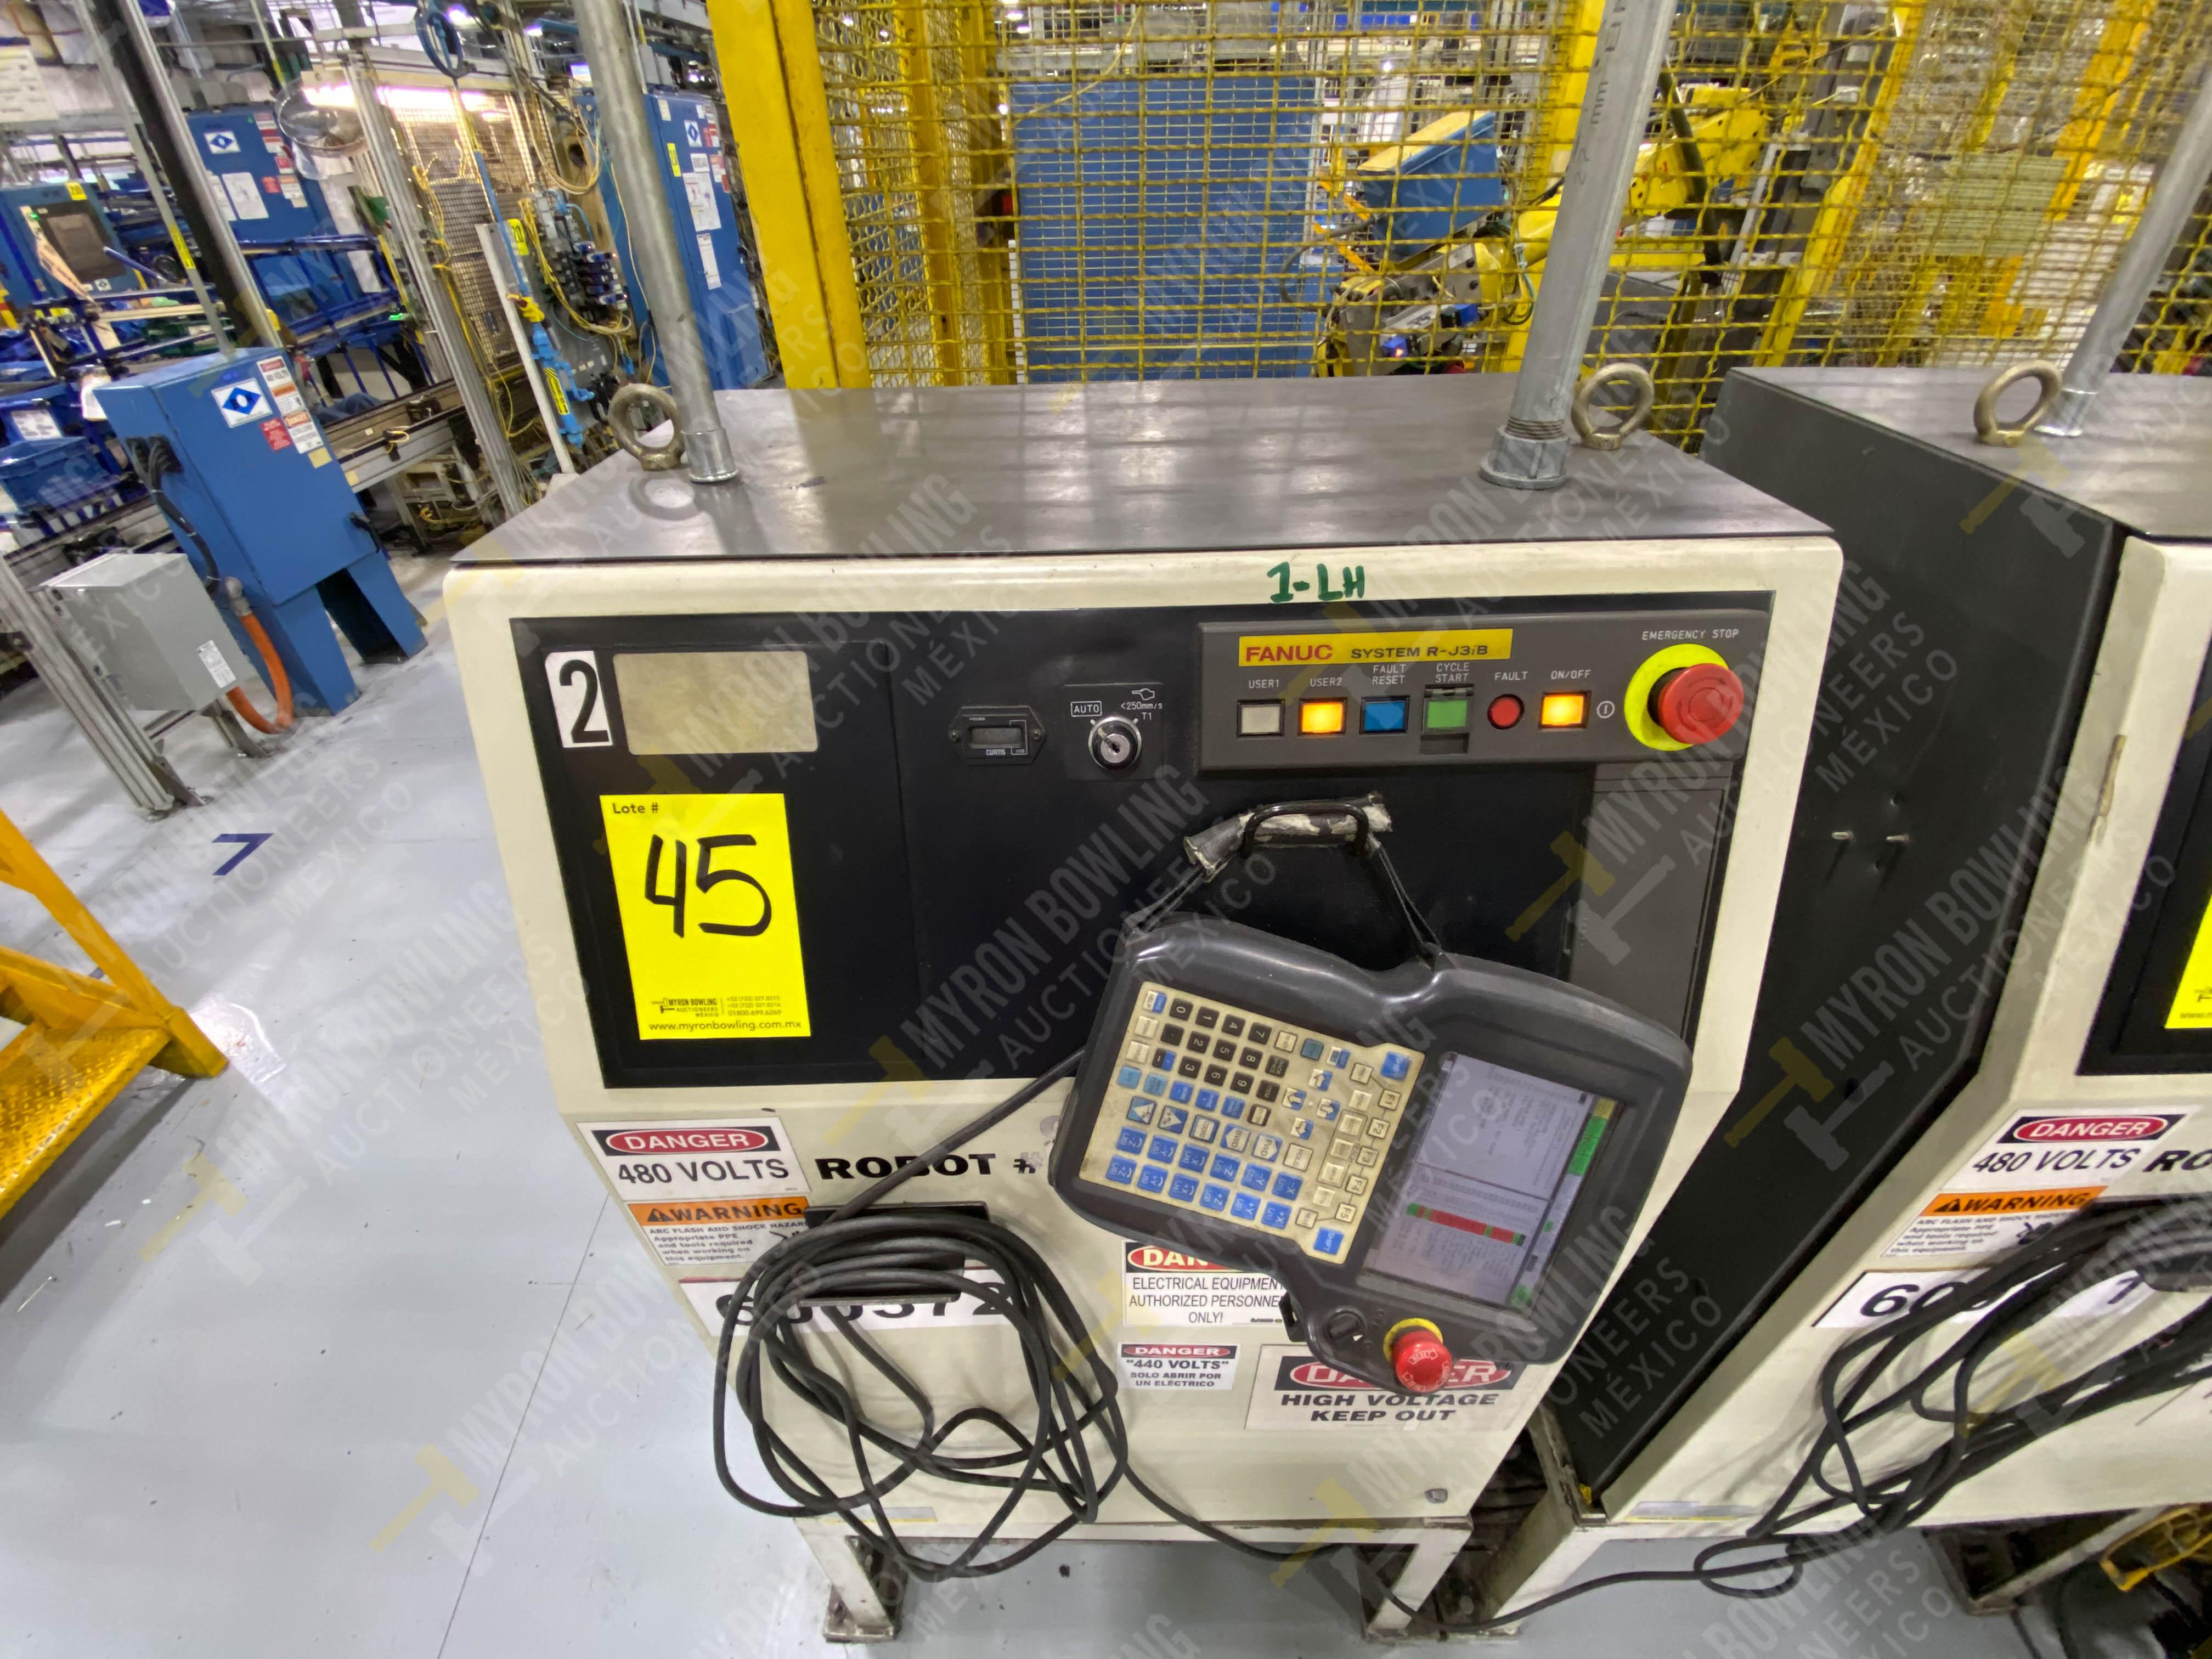 Robot con capacidad de carga de 15-30 Kg, controlador de robot y teach pendant - Image 5 of 12